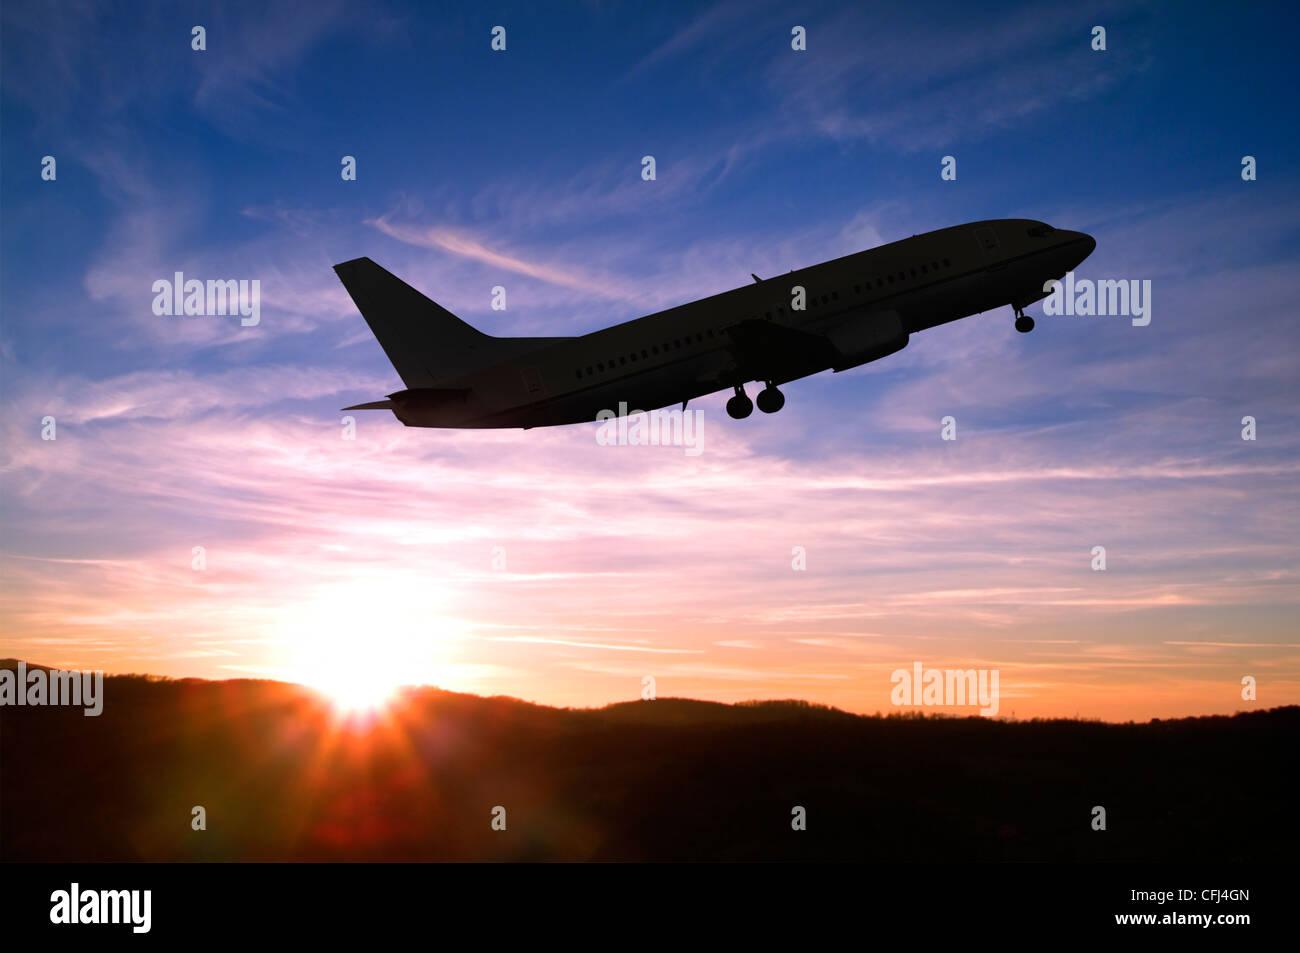 Avion décollant dans un coucher de soleil. Photo Stock